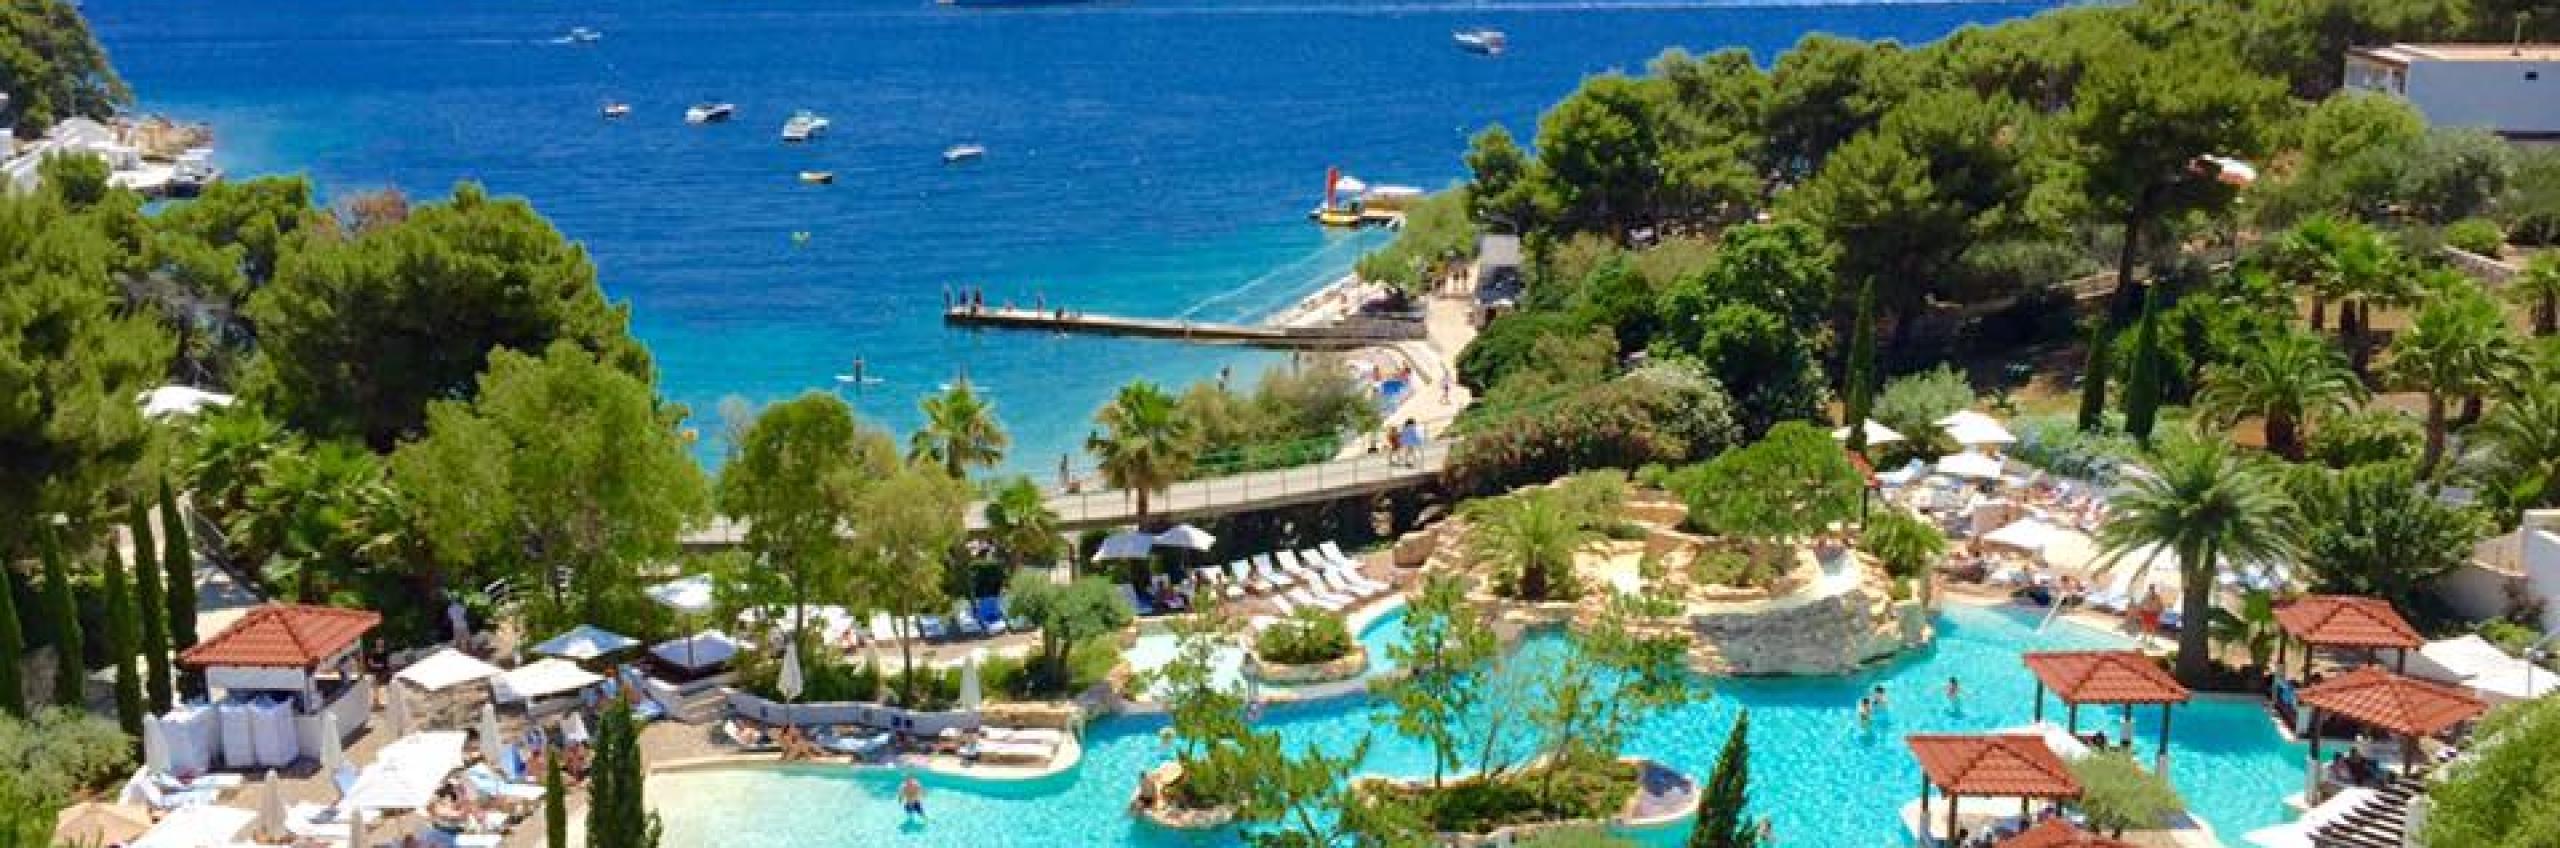 Amfora Bay